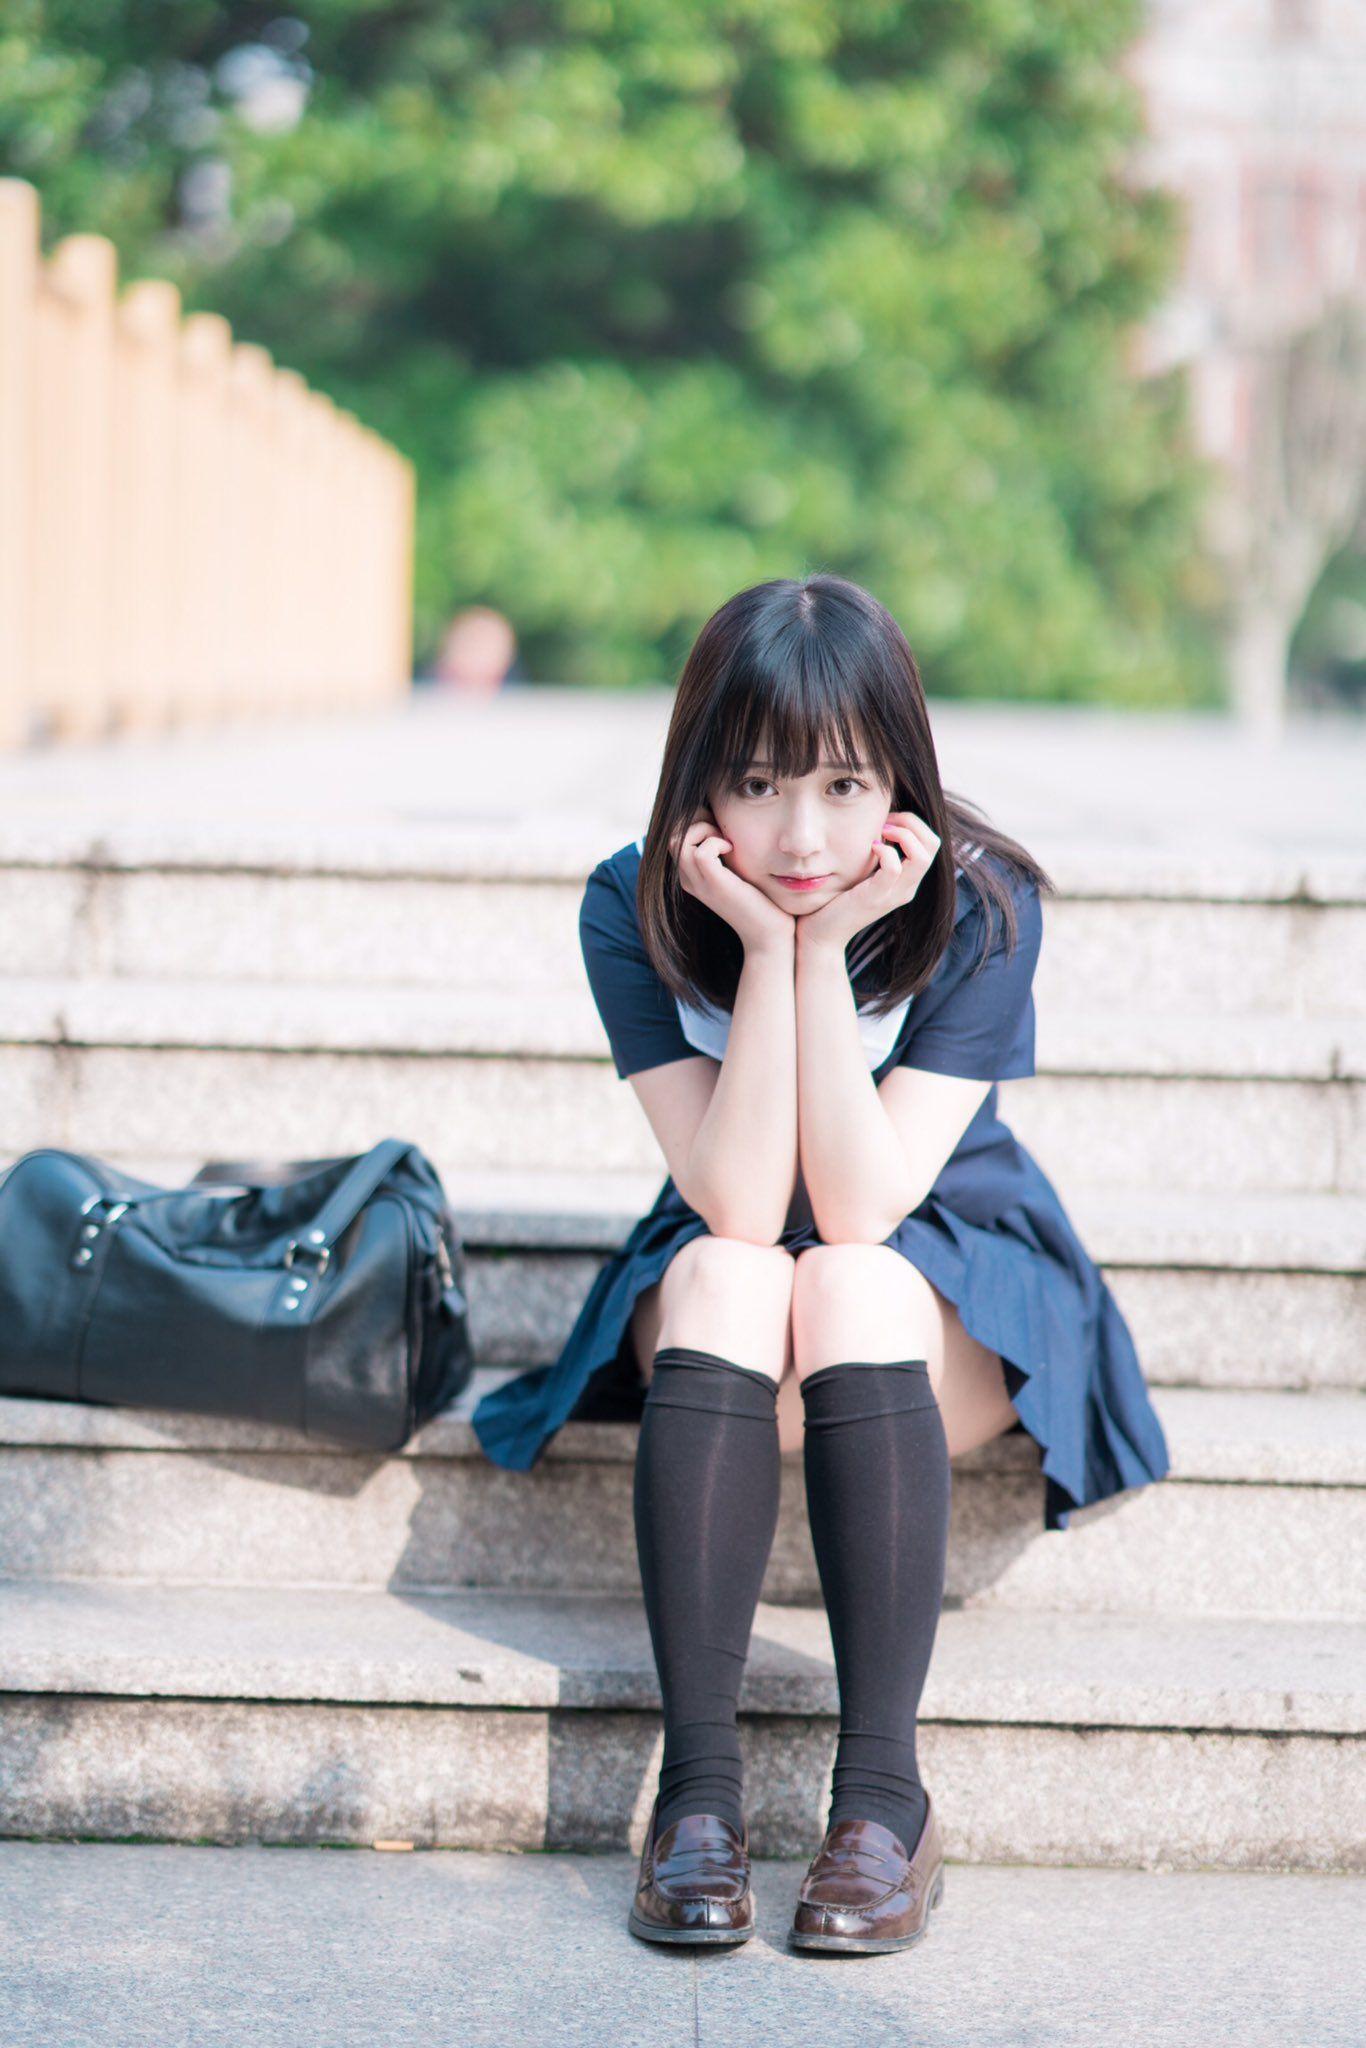 可愛的水手服美少女 坐在階梯遙望遠方》Cute Girl Pretty Girls 漂亮、可愛、無敵》青春就是無敵